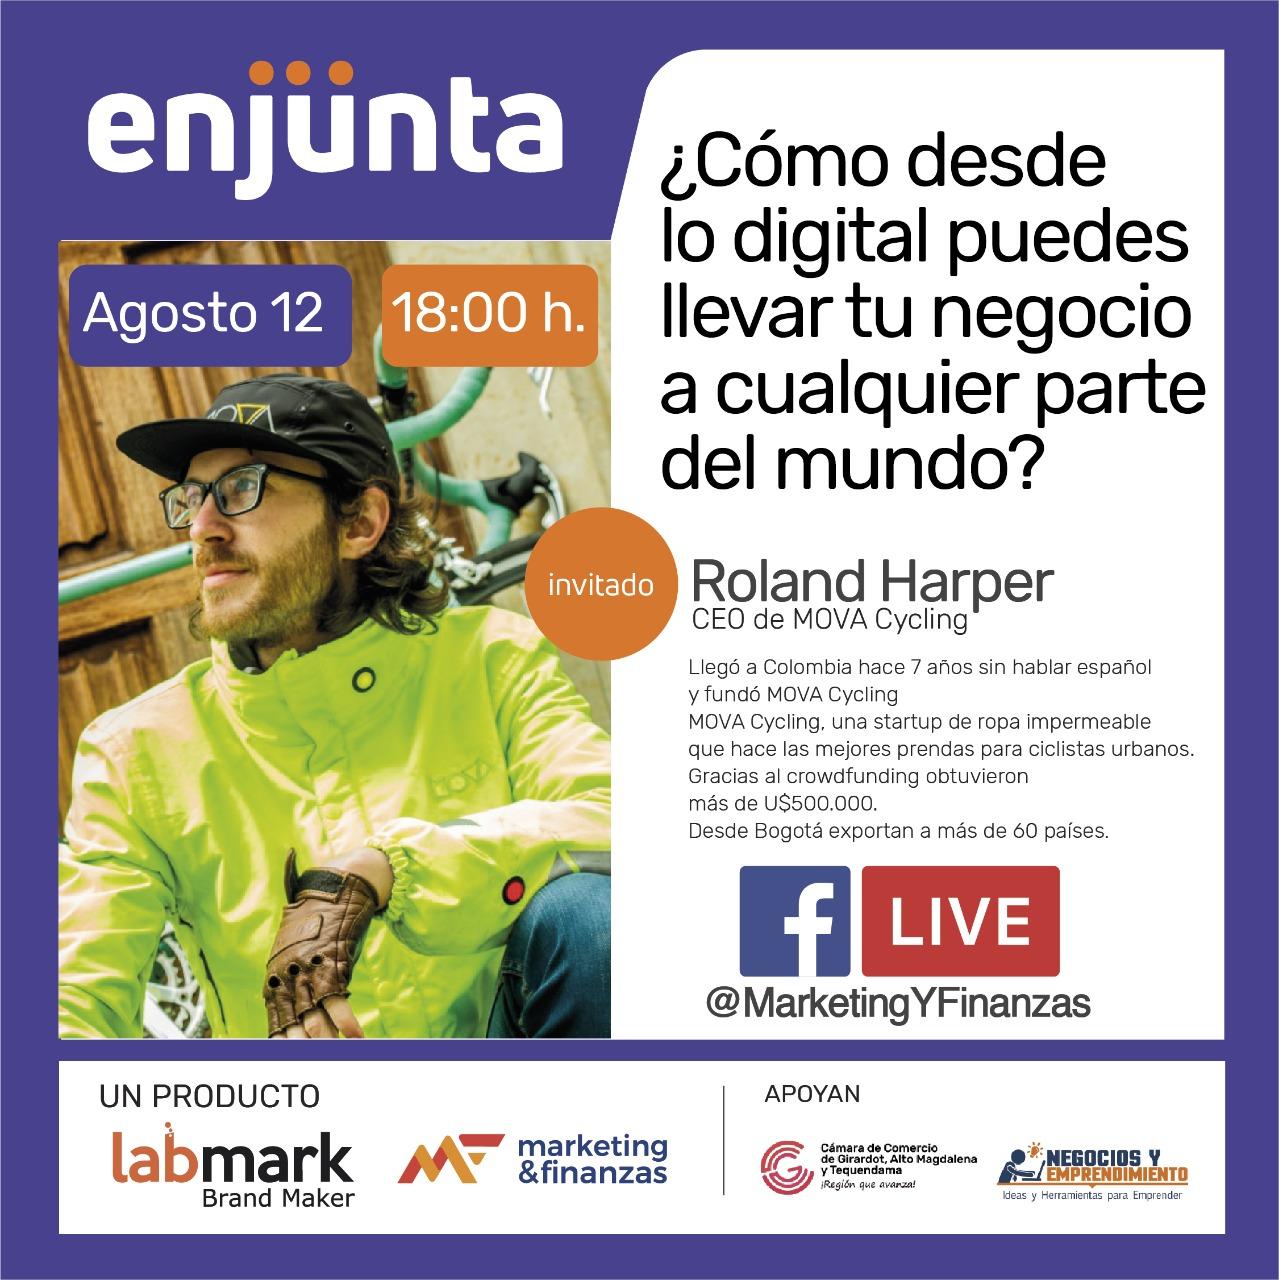 ¿Cómo tener éxito con una empresa digital y vender a cualquier parte del mundo desde Colombia ?